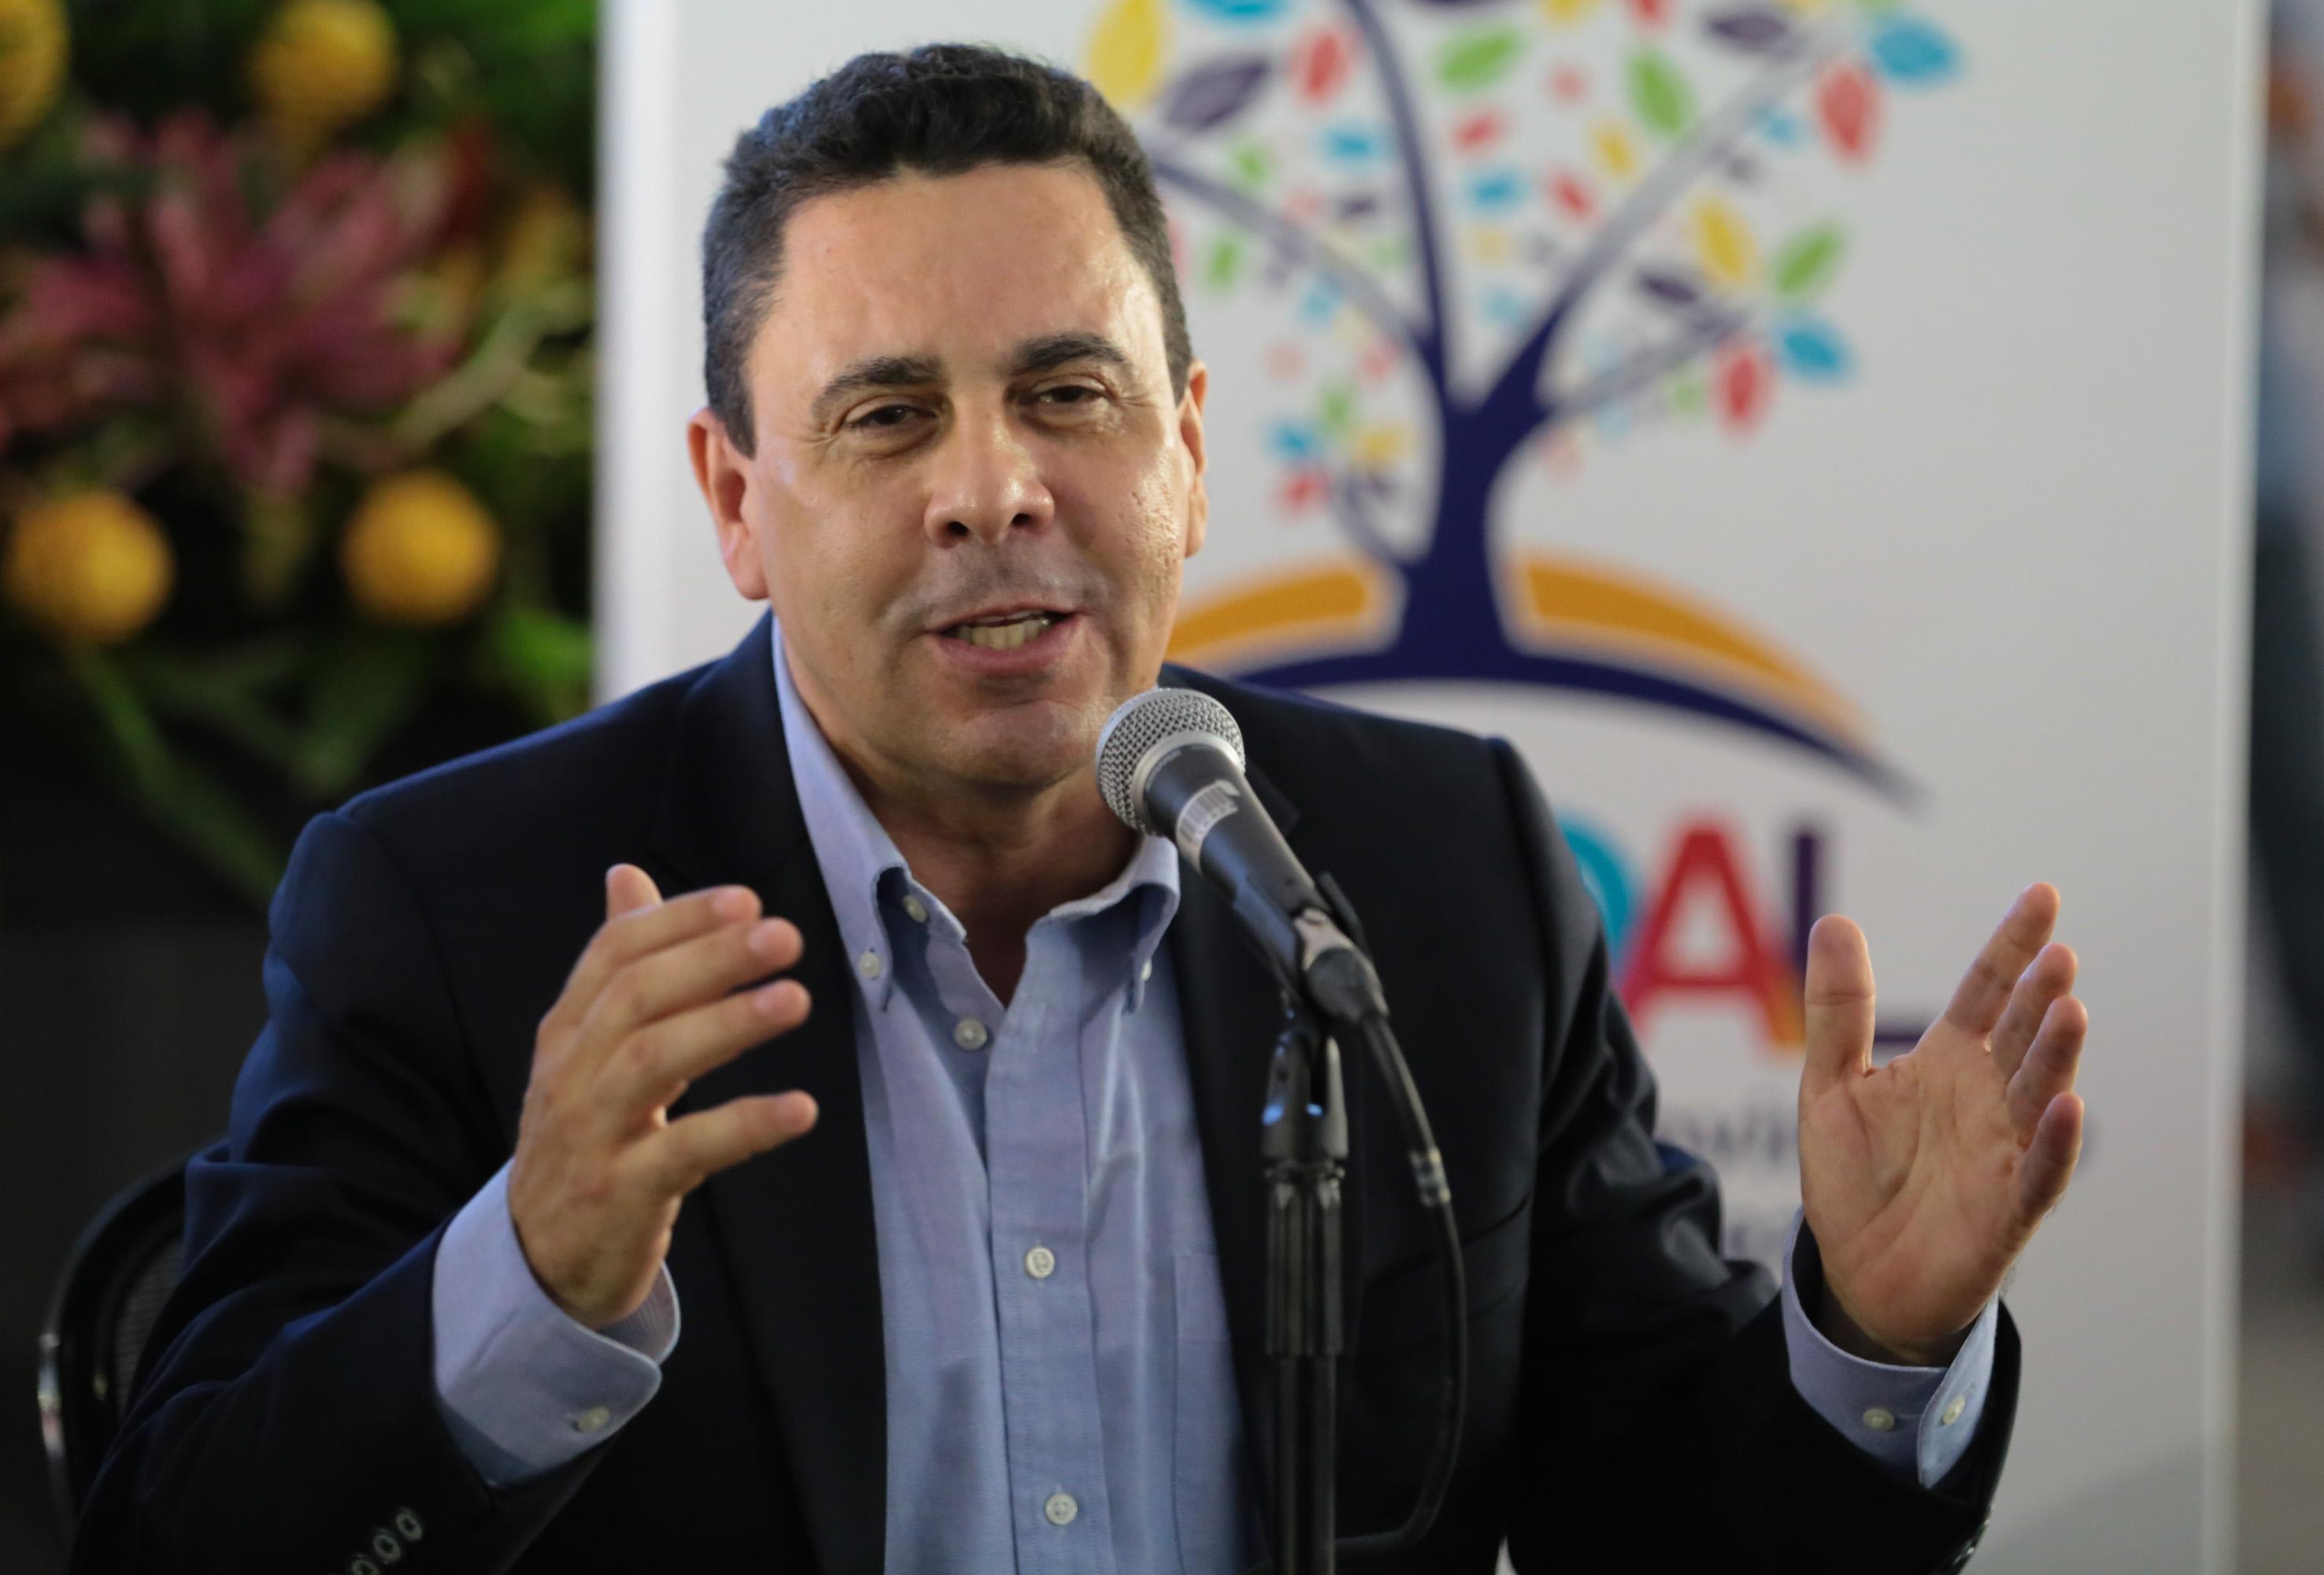 Vicecanciller para Europa, Samuel Moncada. Foto: AVN